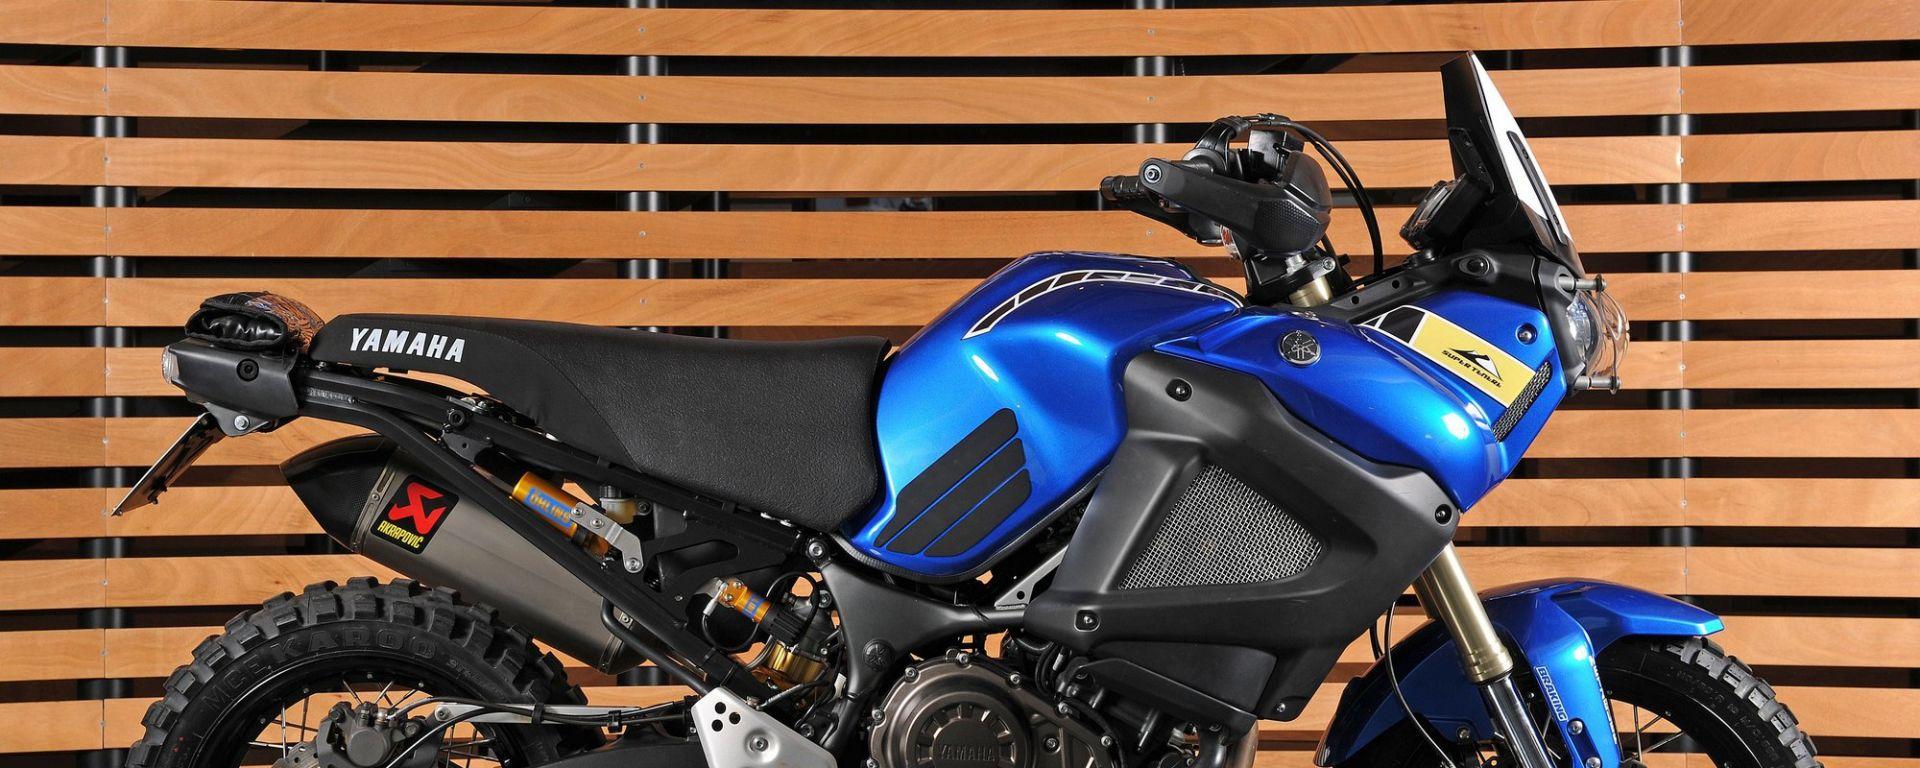 Yamaha Super Ténéré XTZ1200 R